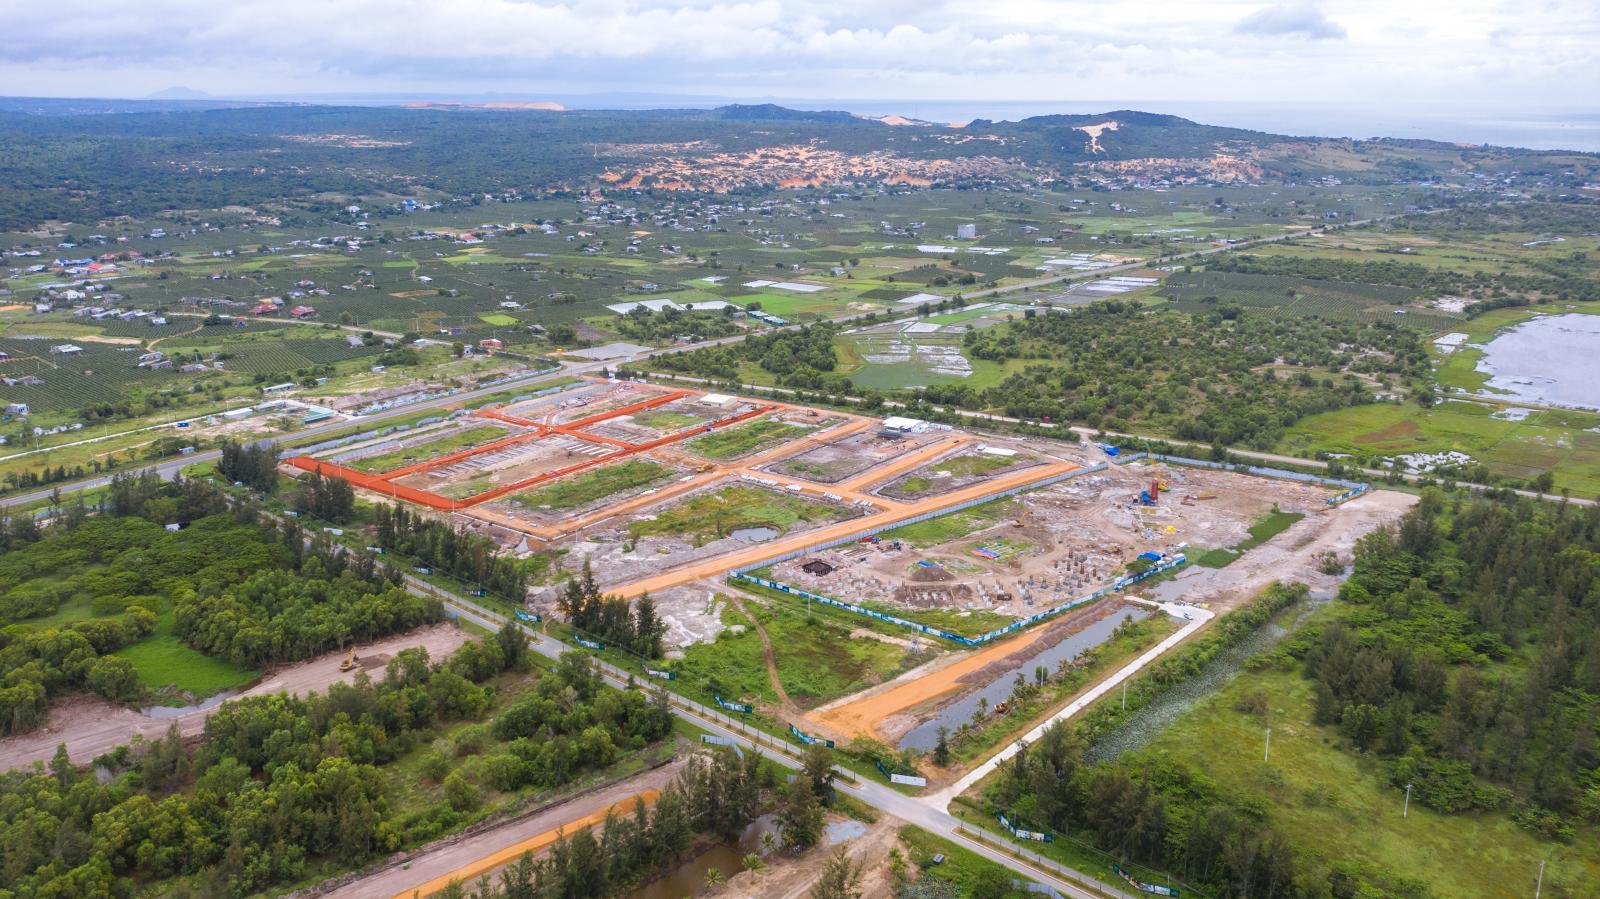 Hình ảnh một dự án đang triển khai trên khu vực phía Nam